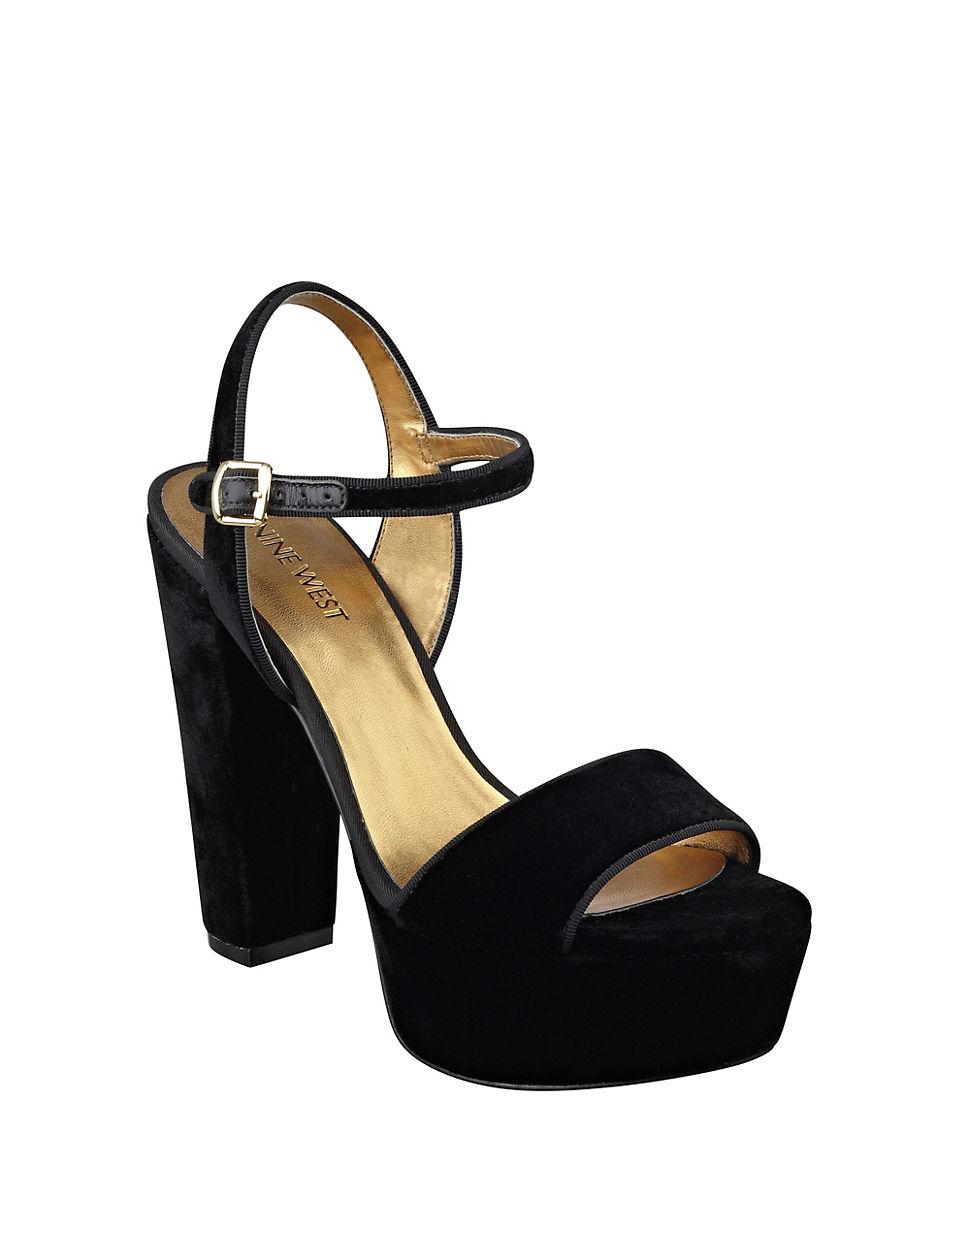 6ce00efc45d1 Nine West Carnation Platform Sandals in Black - Lyst